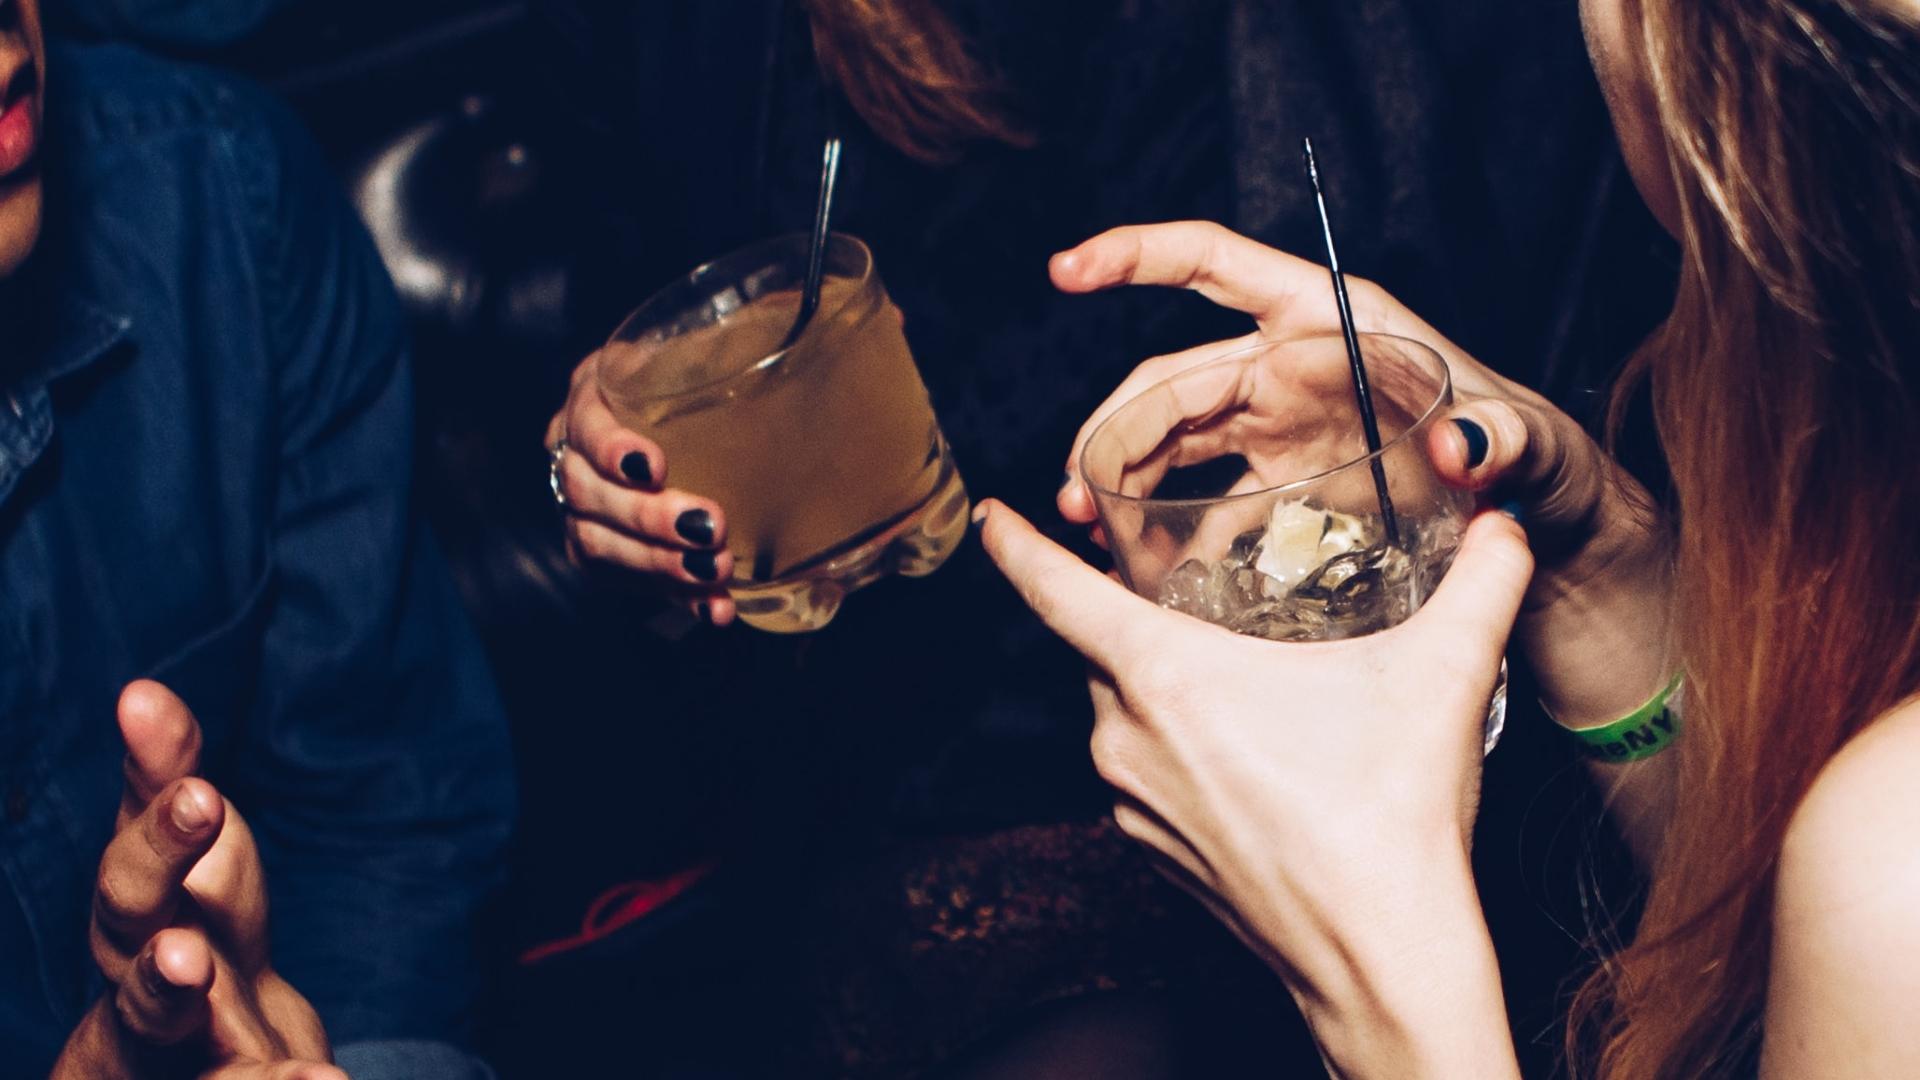 Najmodniejsze drinki 2021 roku? Są inspirowane światowymi stolicami